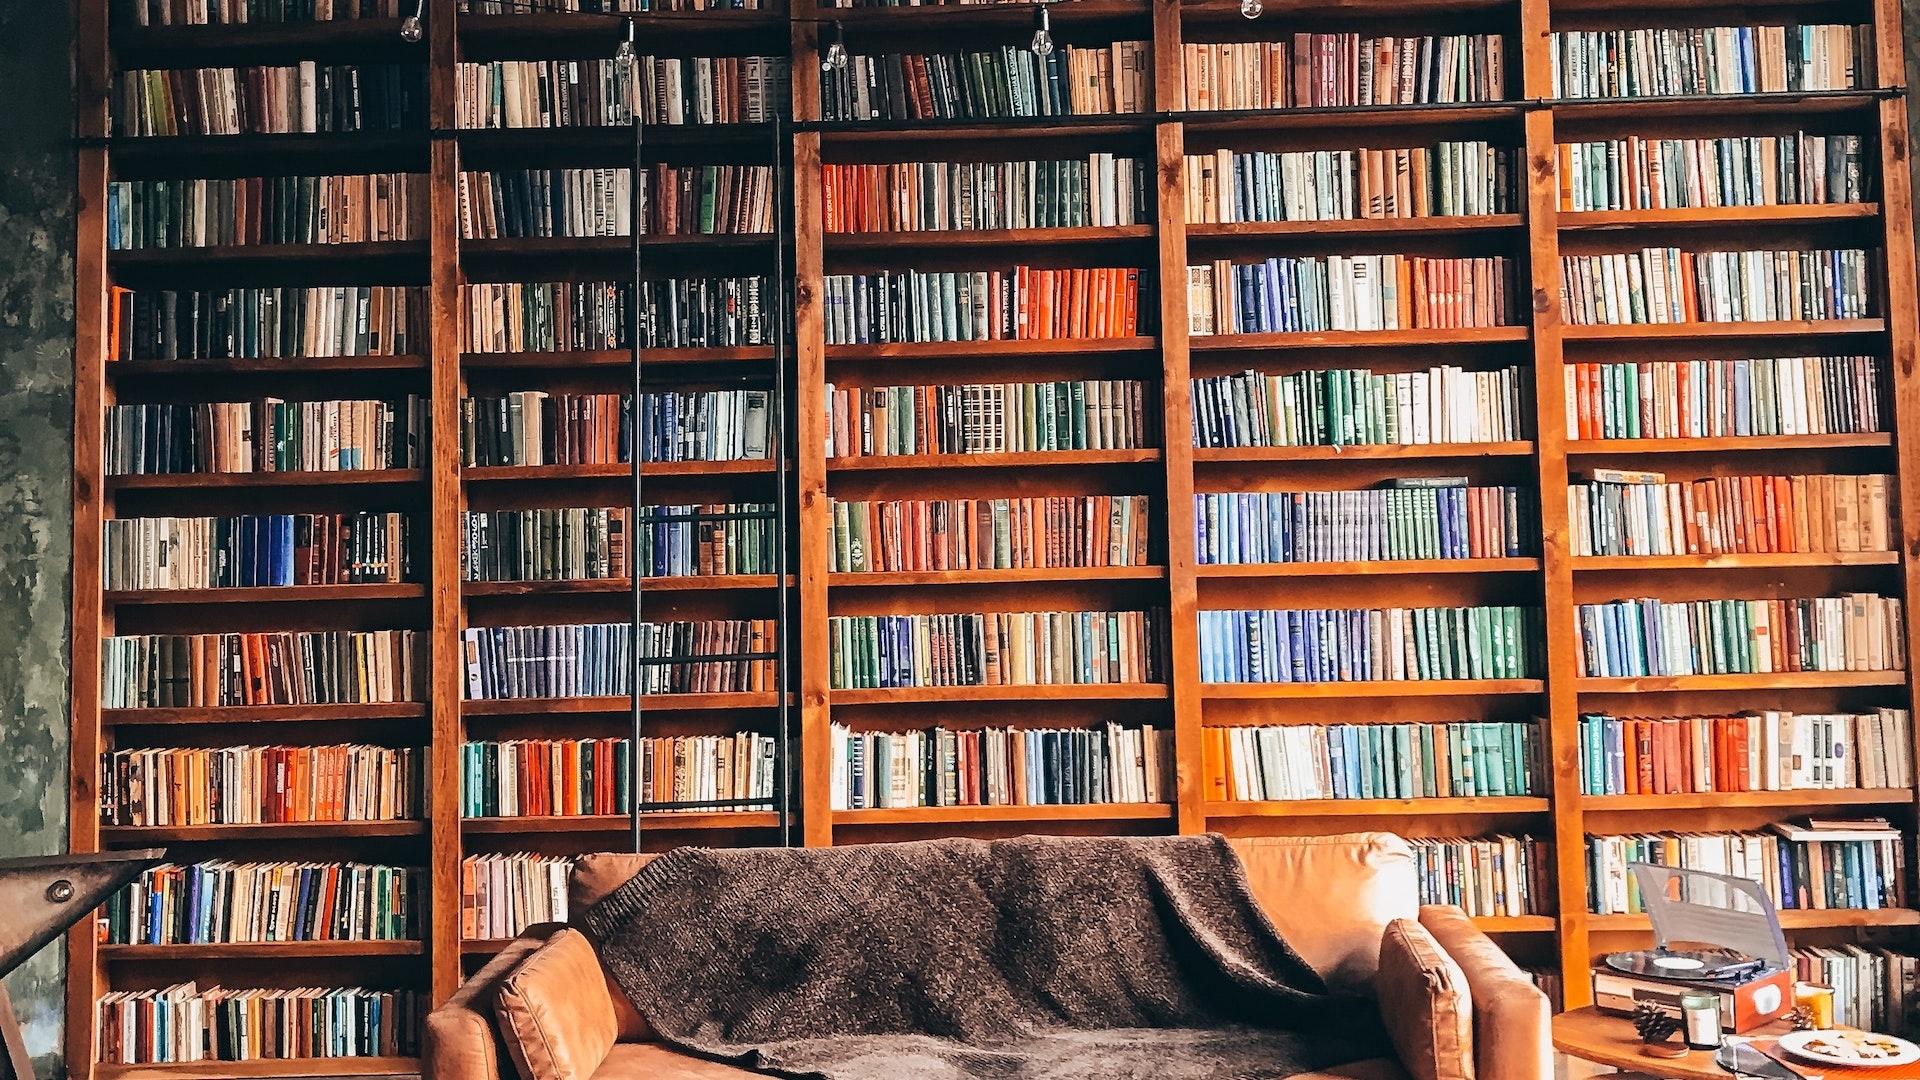 壁一面の本とソファー